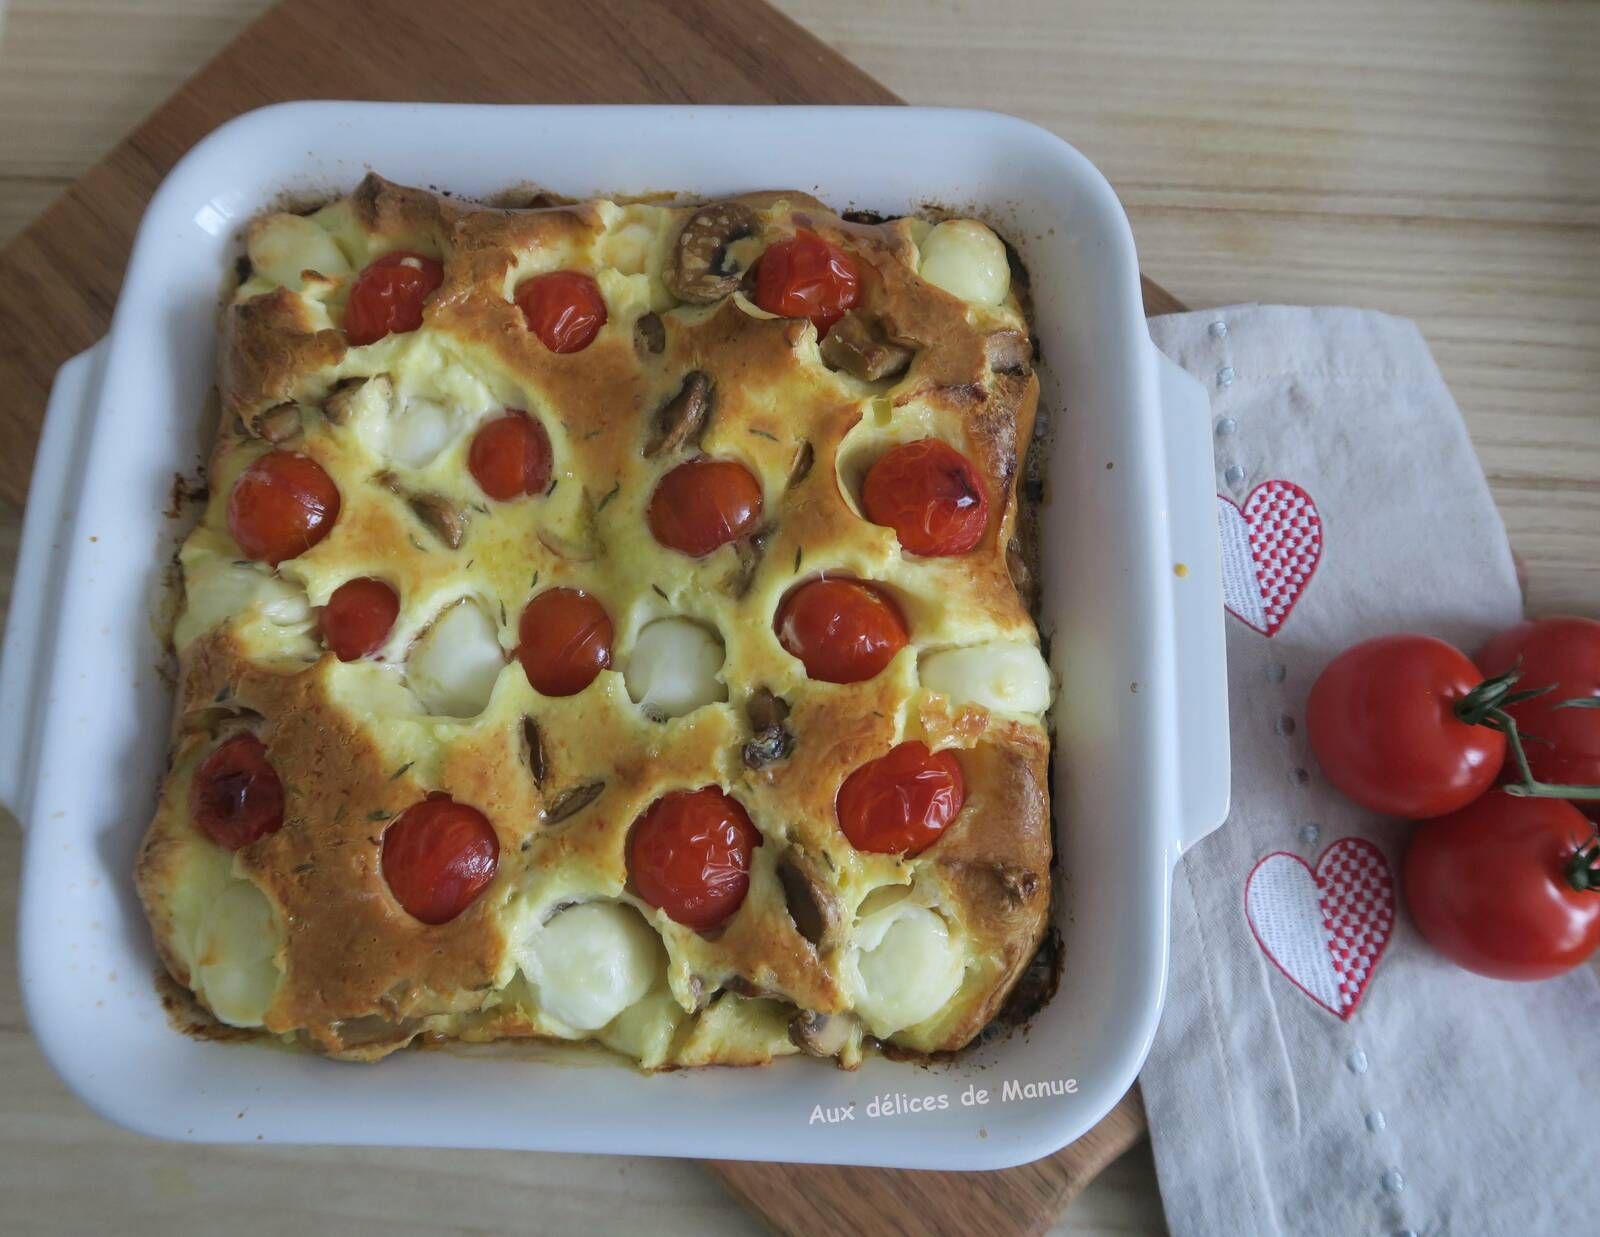 flan,flan salé,quiche,quiche sans pâte,mozzarella,tomates cerises,champignons